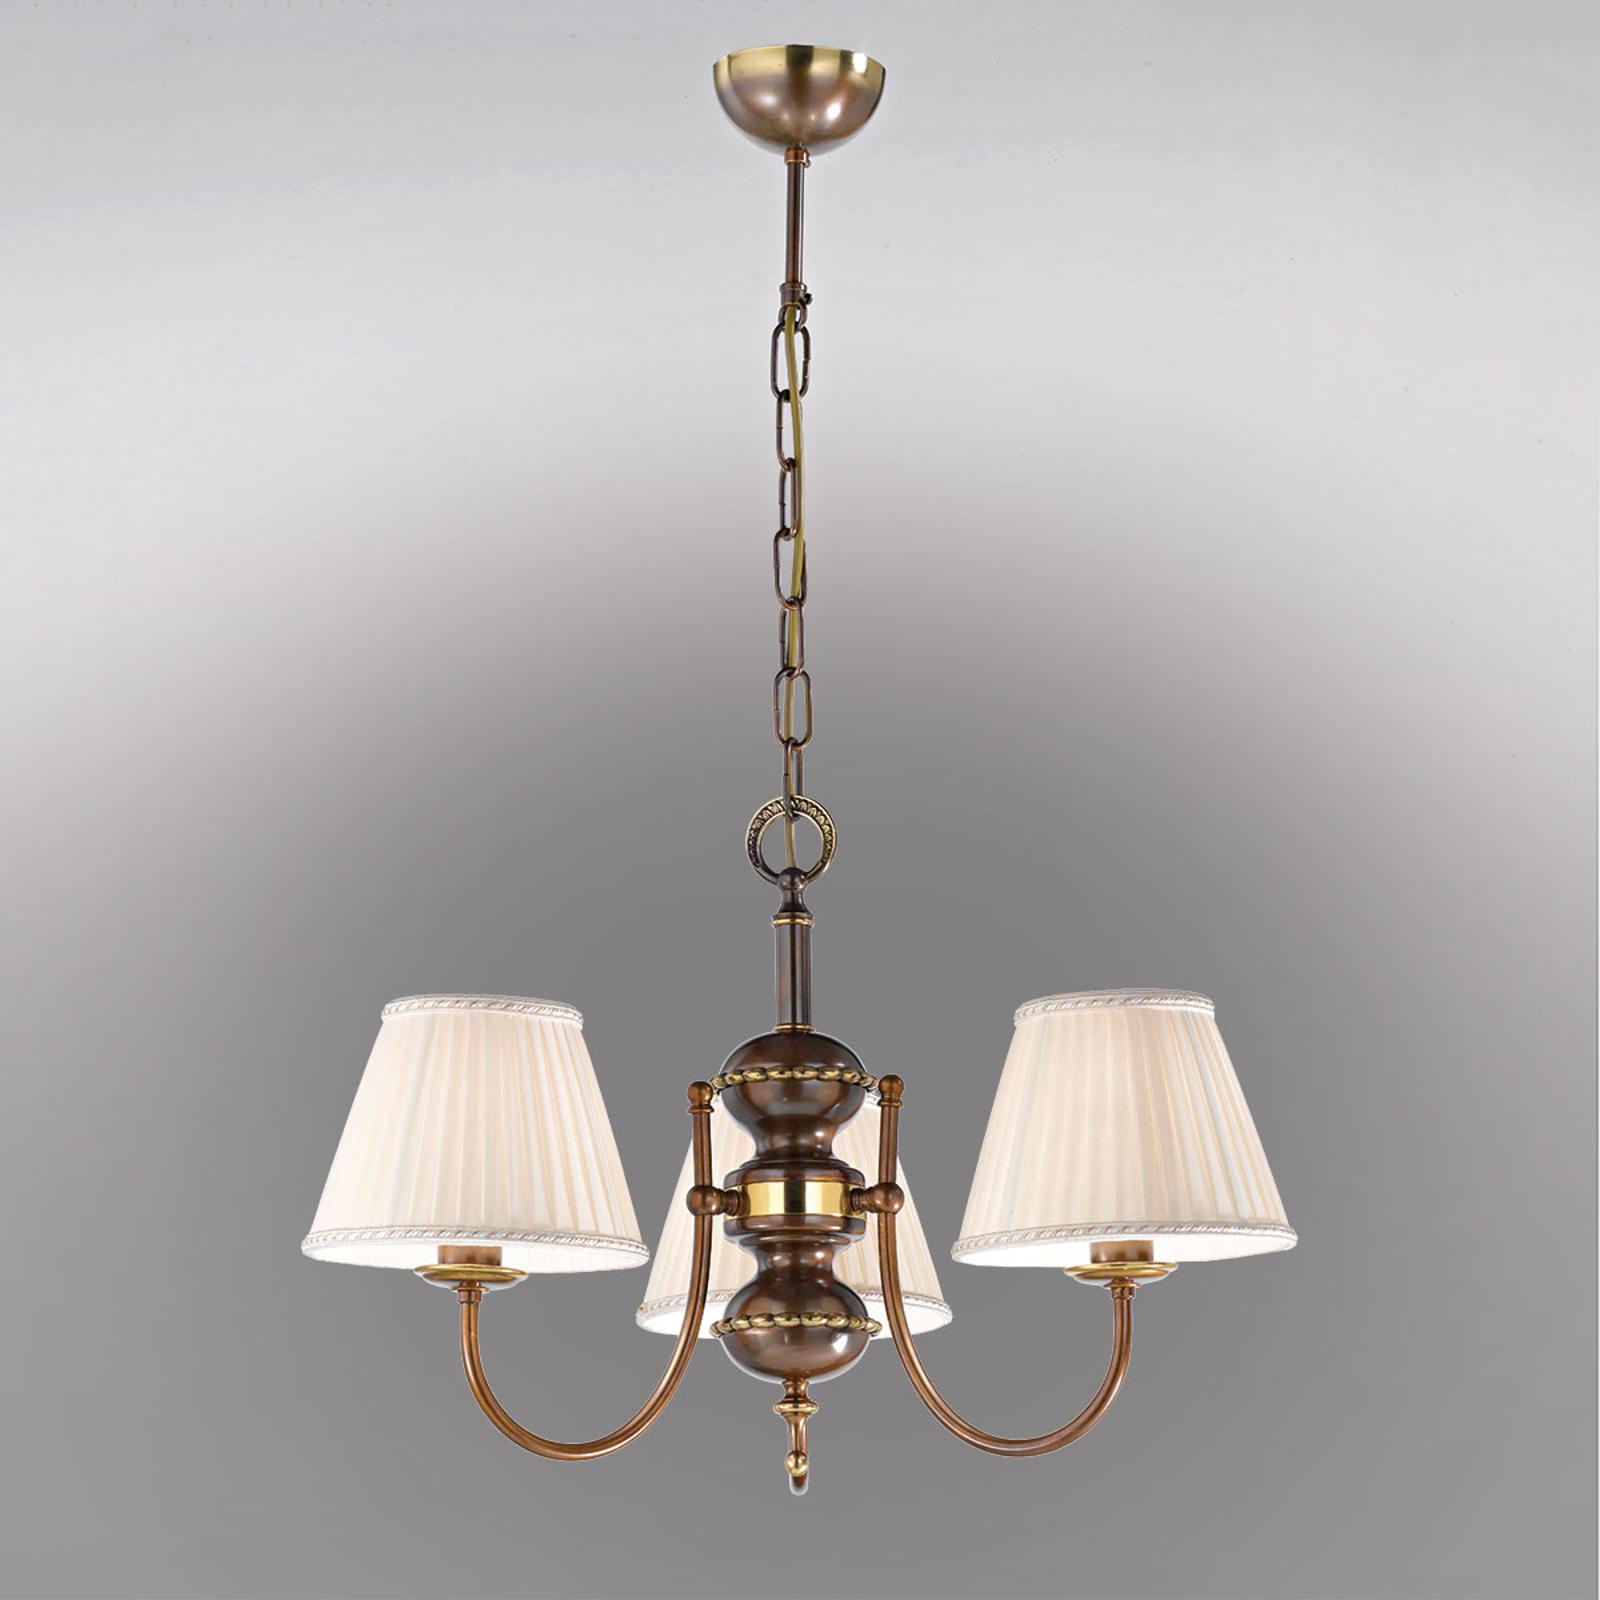 Lampada a sospensione Classic, 3 luci